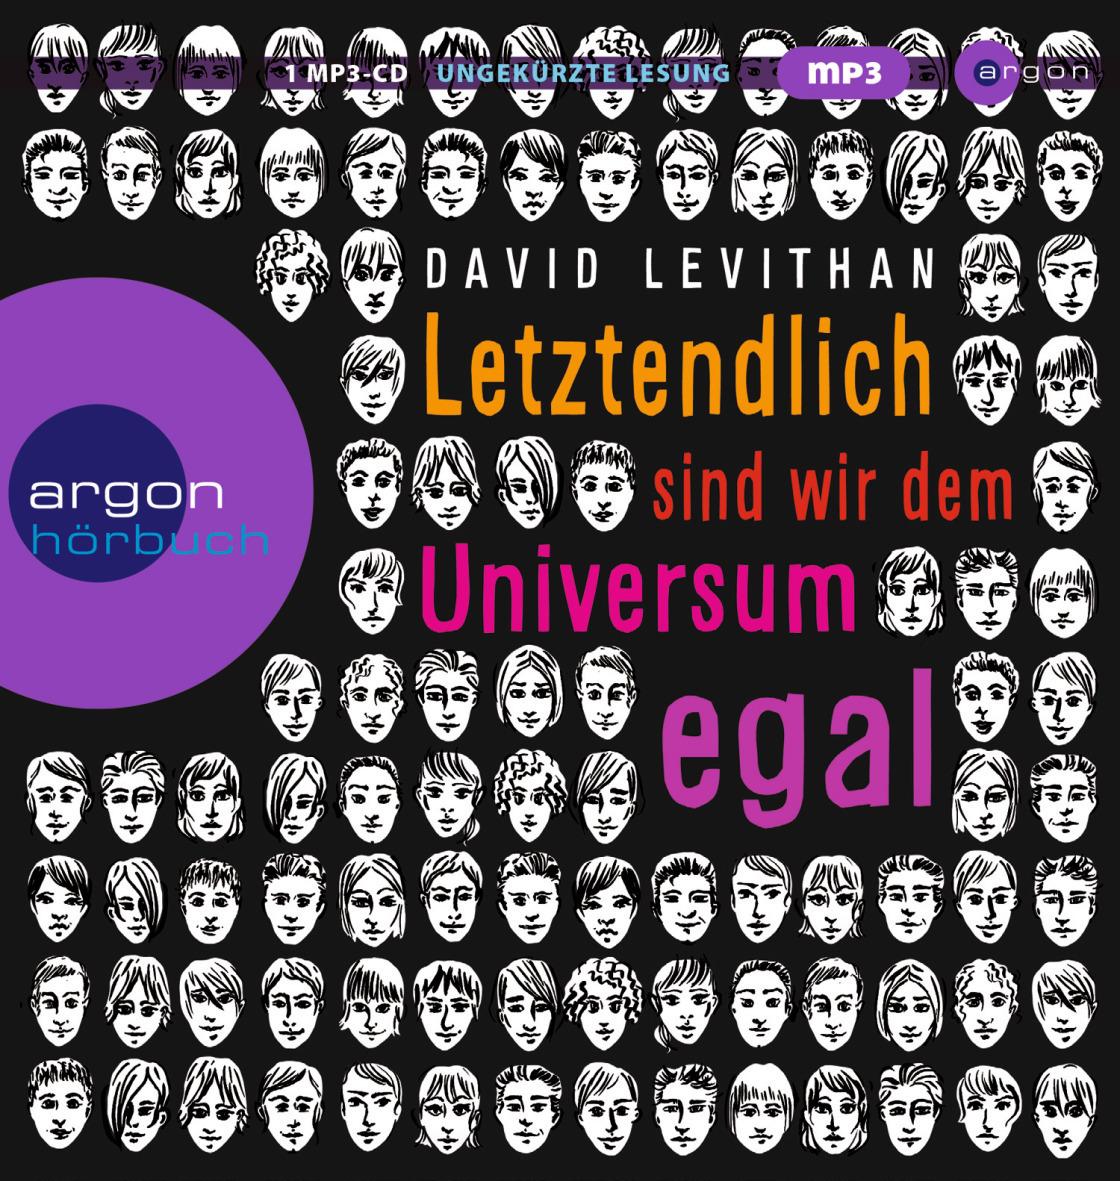 Letztendlich sind wir dem Universum egal - David Levithan [1 MP3-CD]